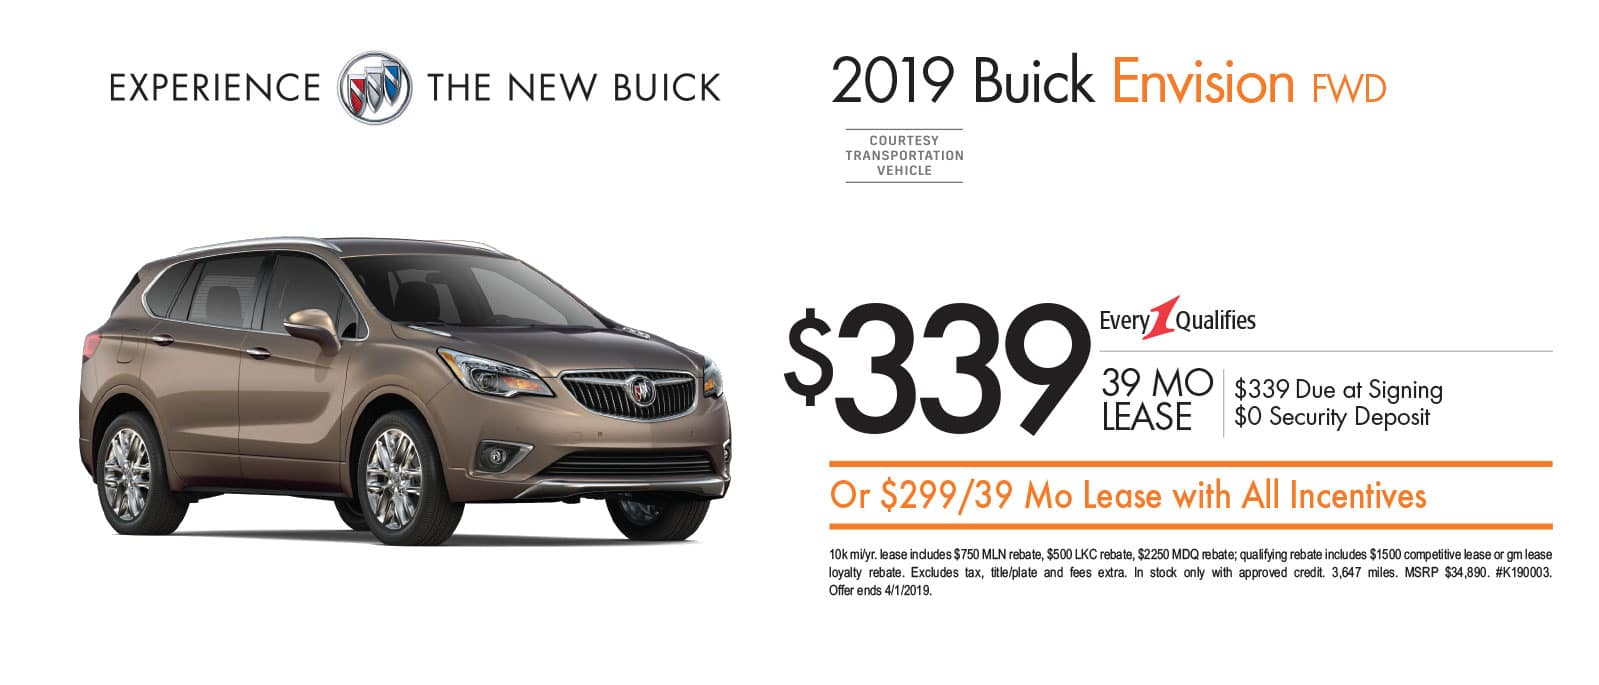 2019 Buick